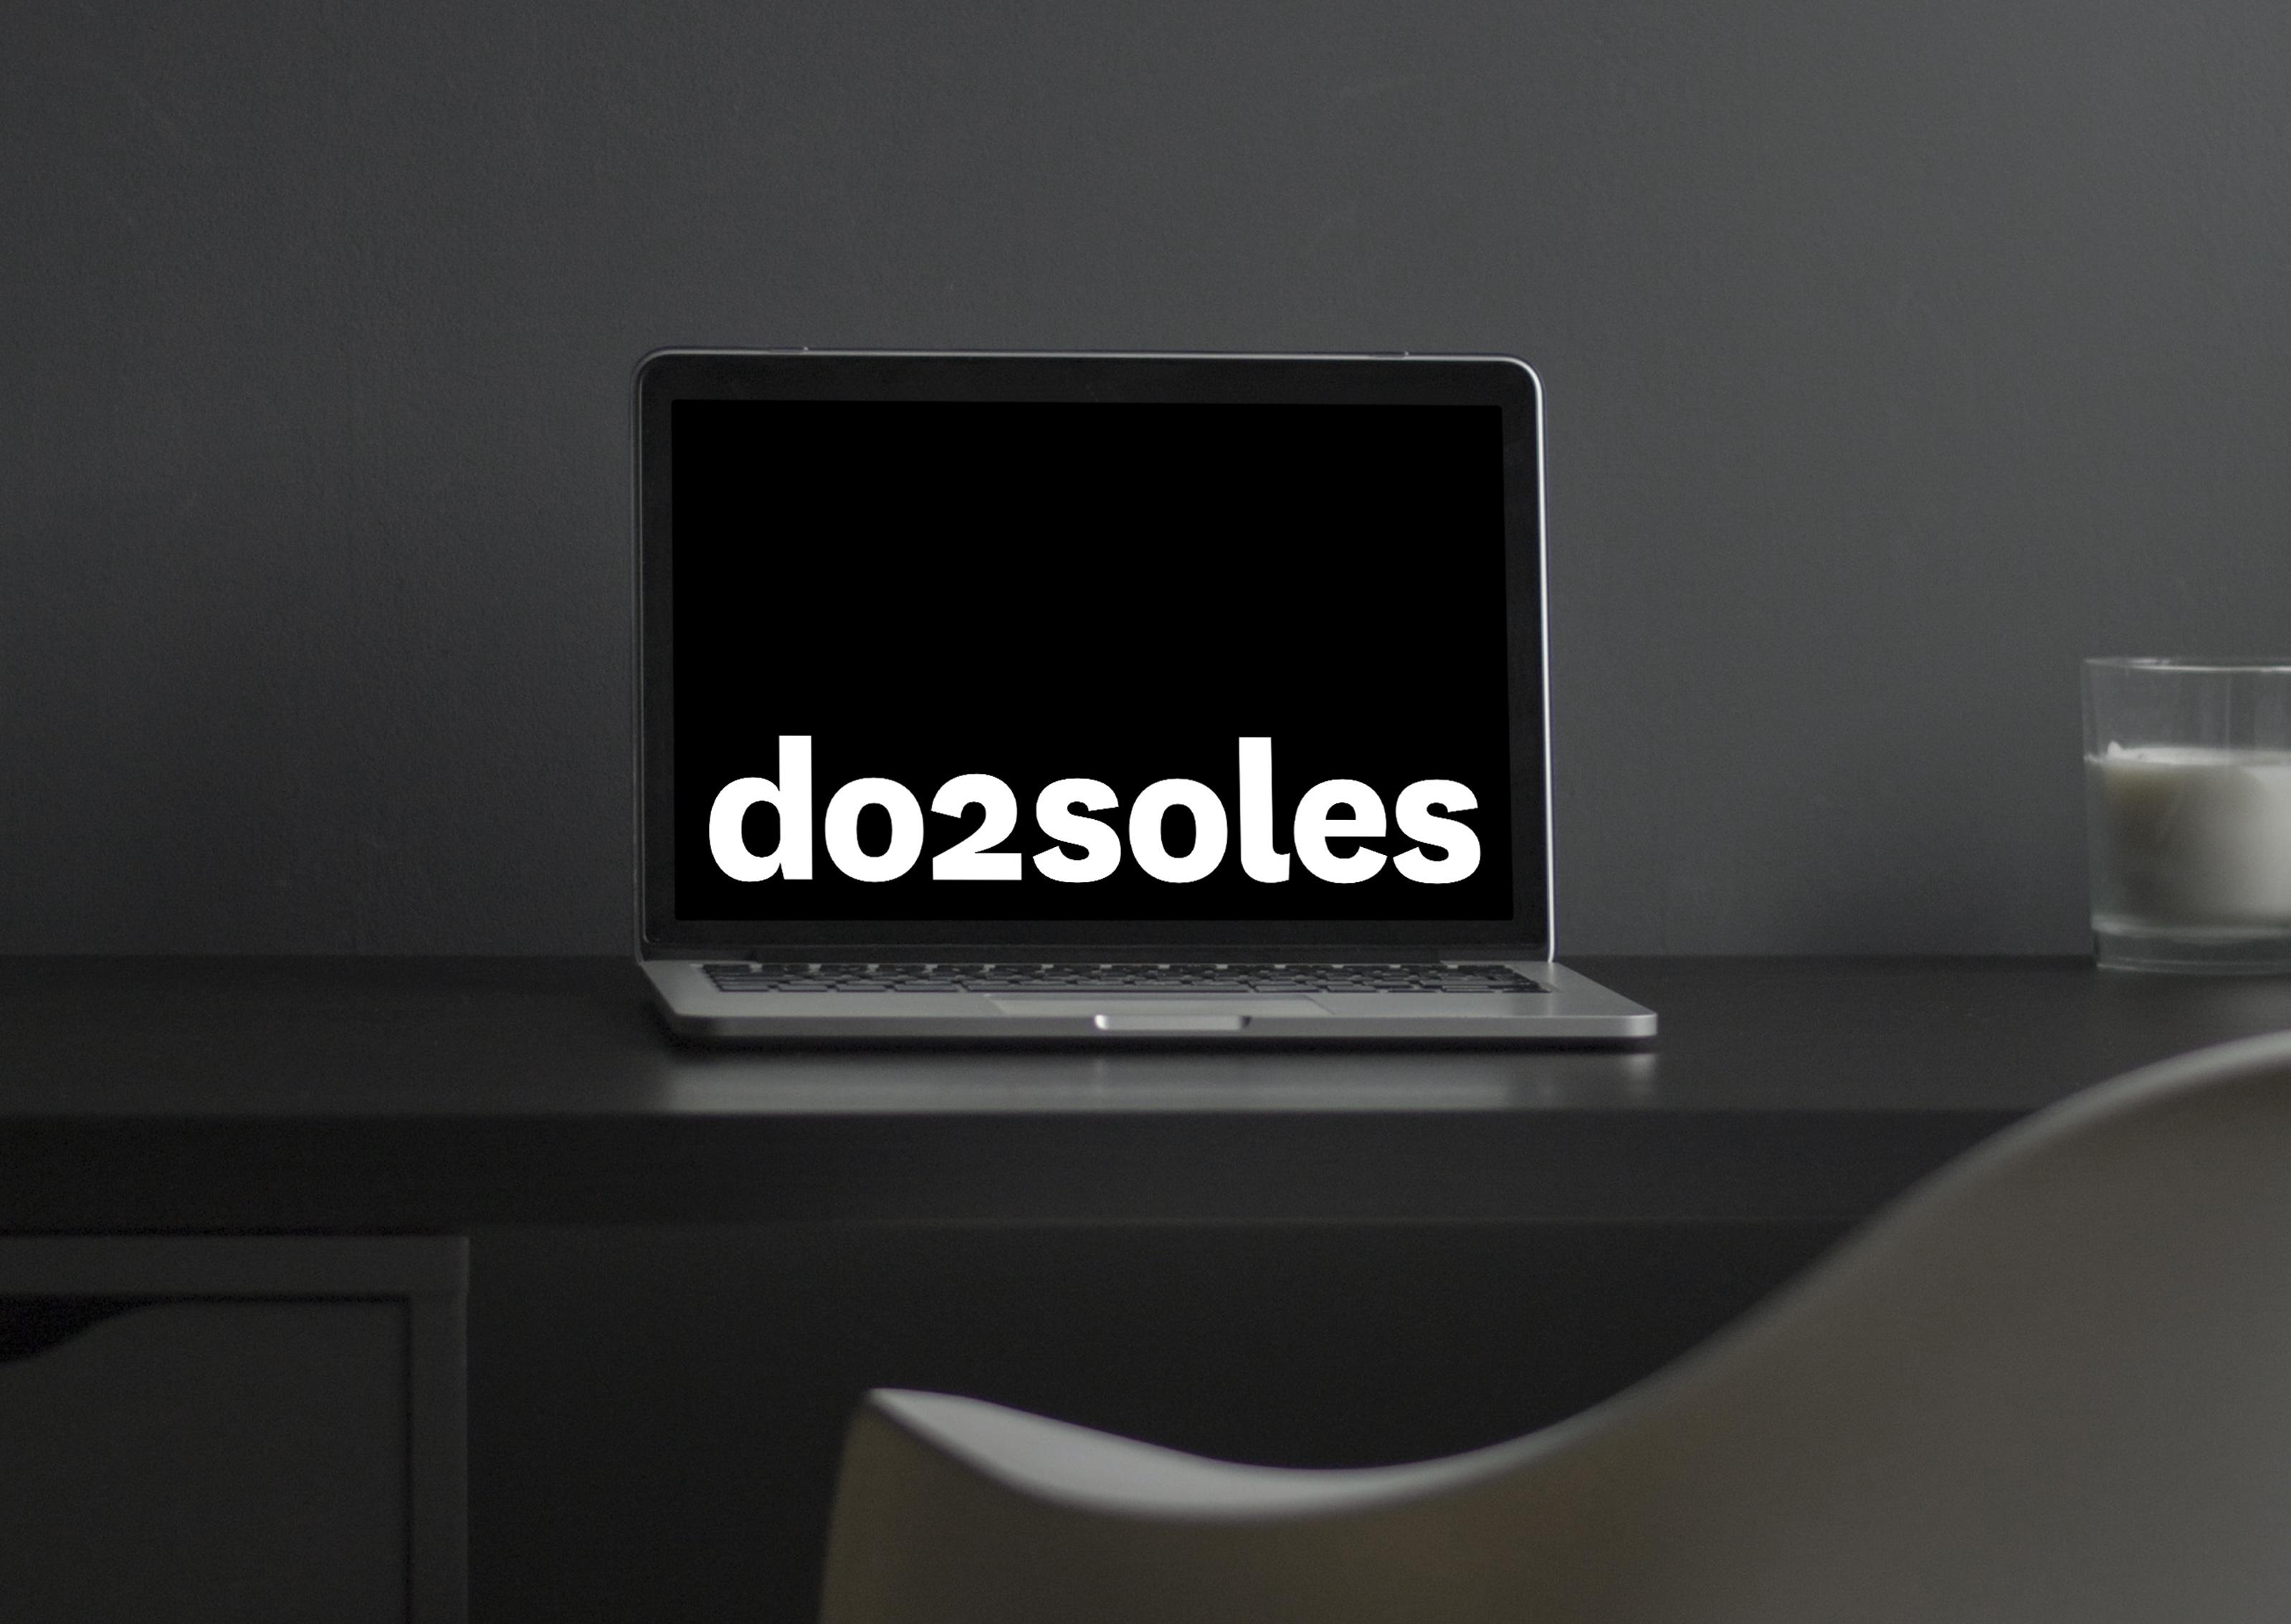 dos_soles_4.jpg